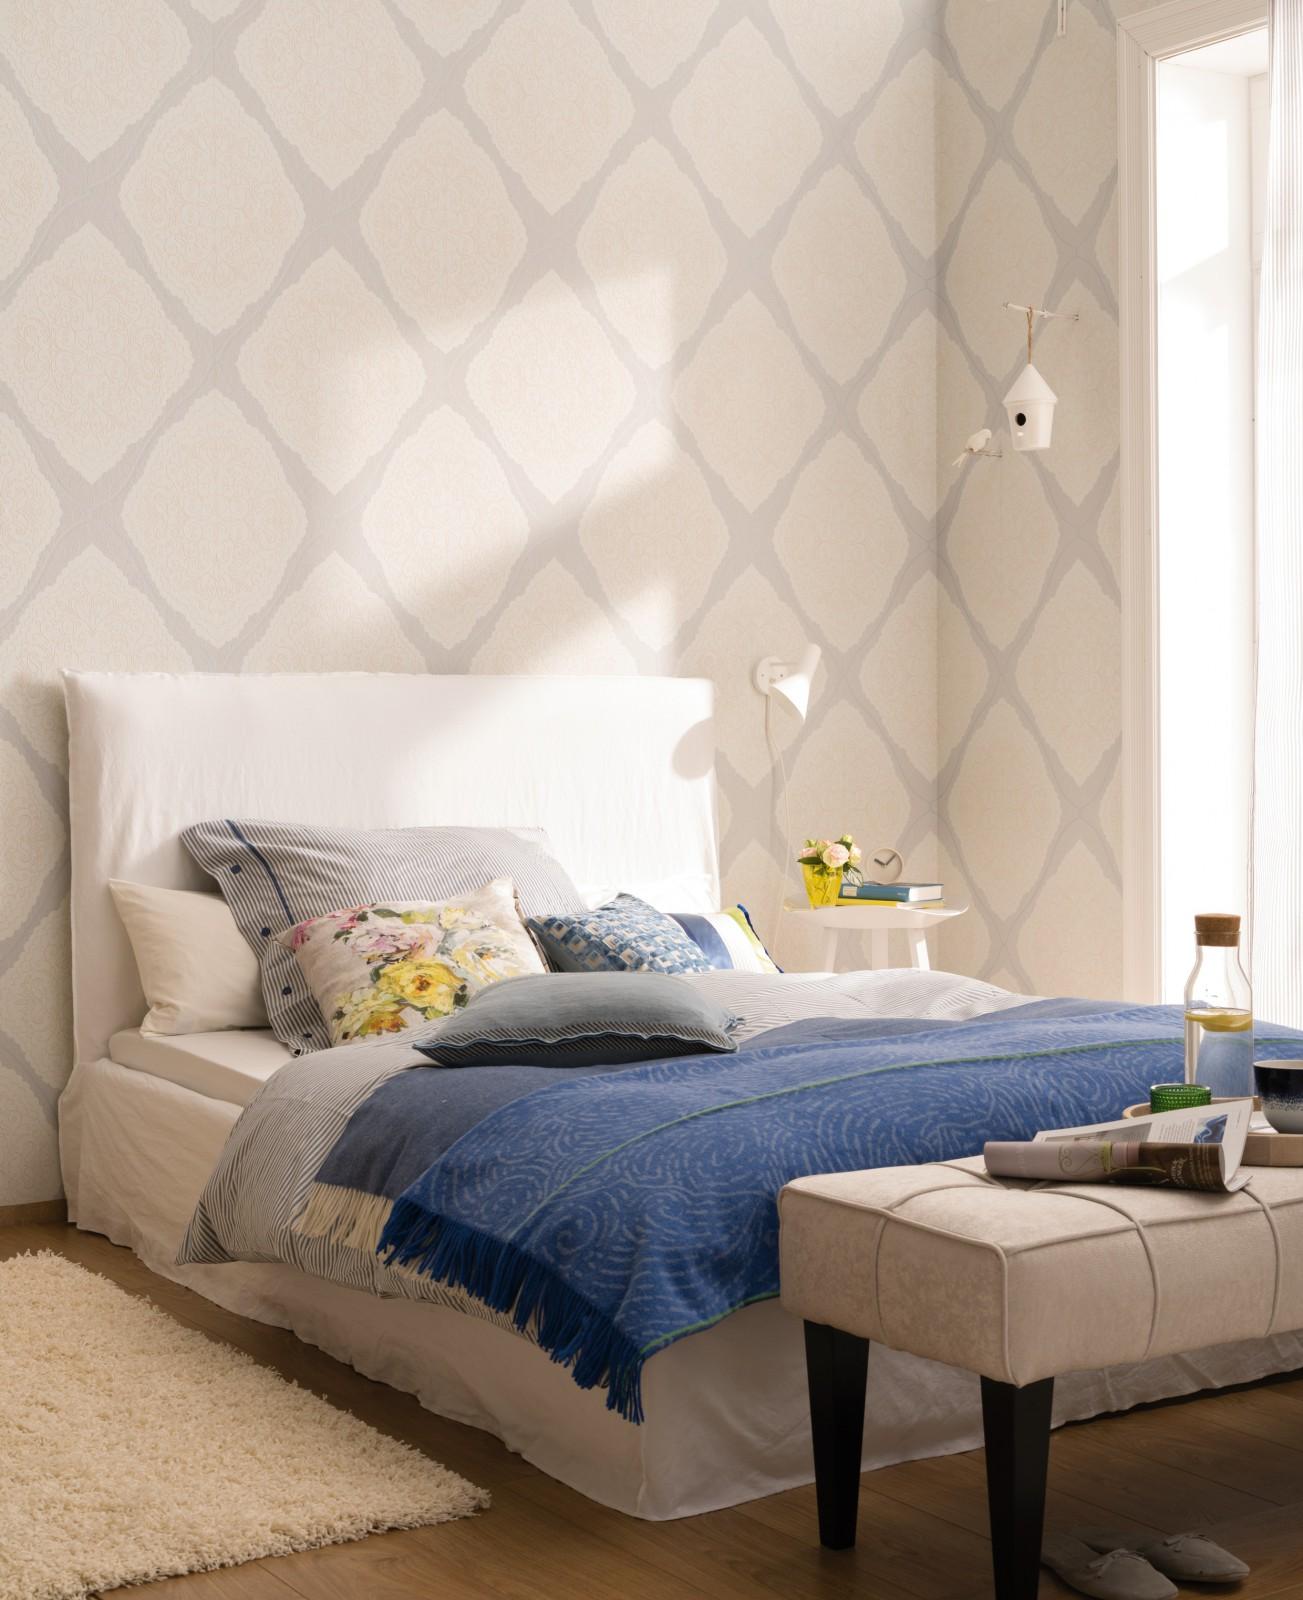 zuhause wohnen tapete verzierung grau creme 57104. Black Bedroom Furniture Sets. Home Design Ideas